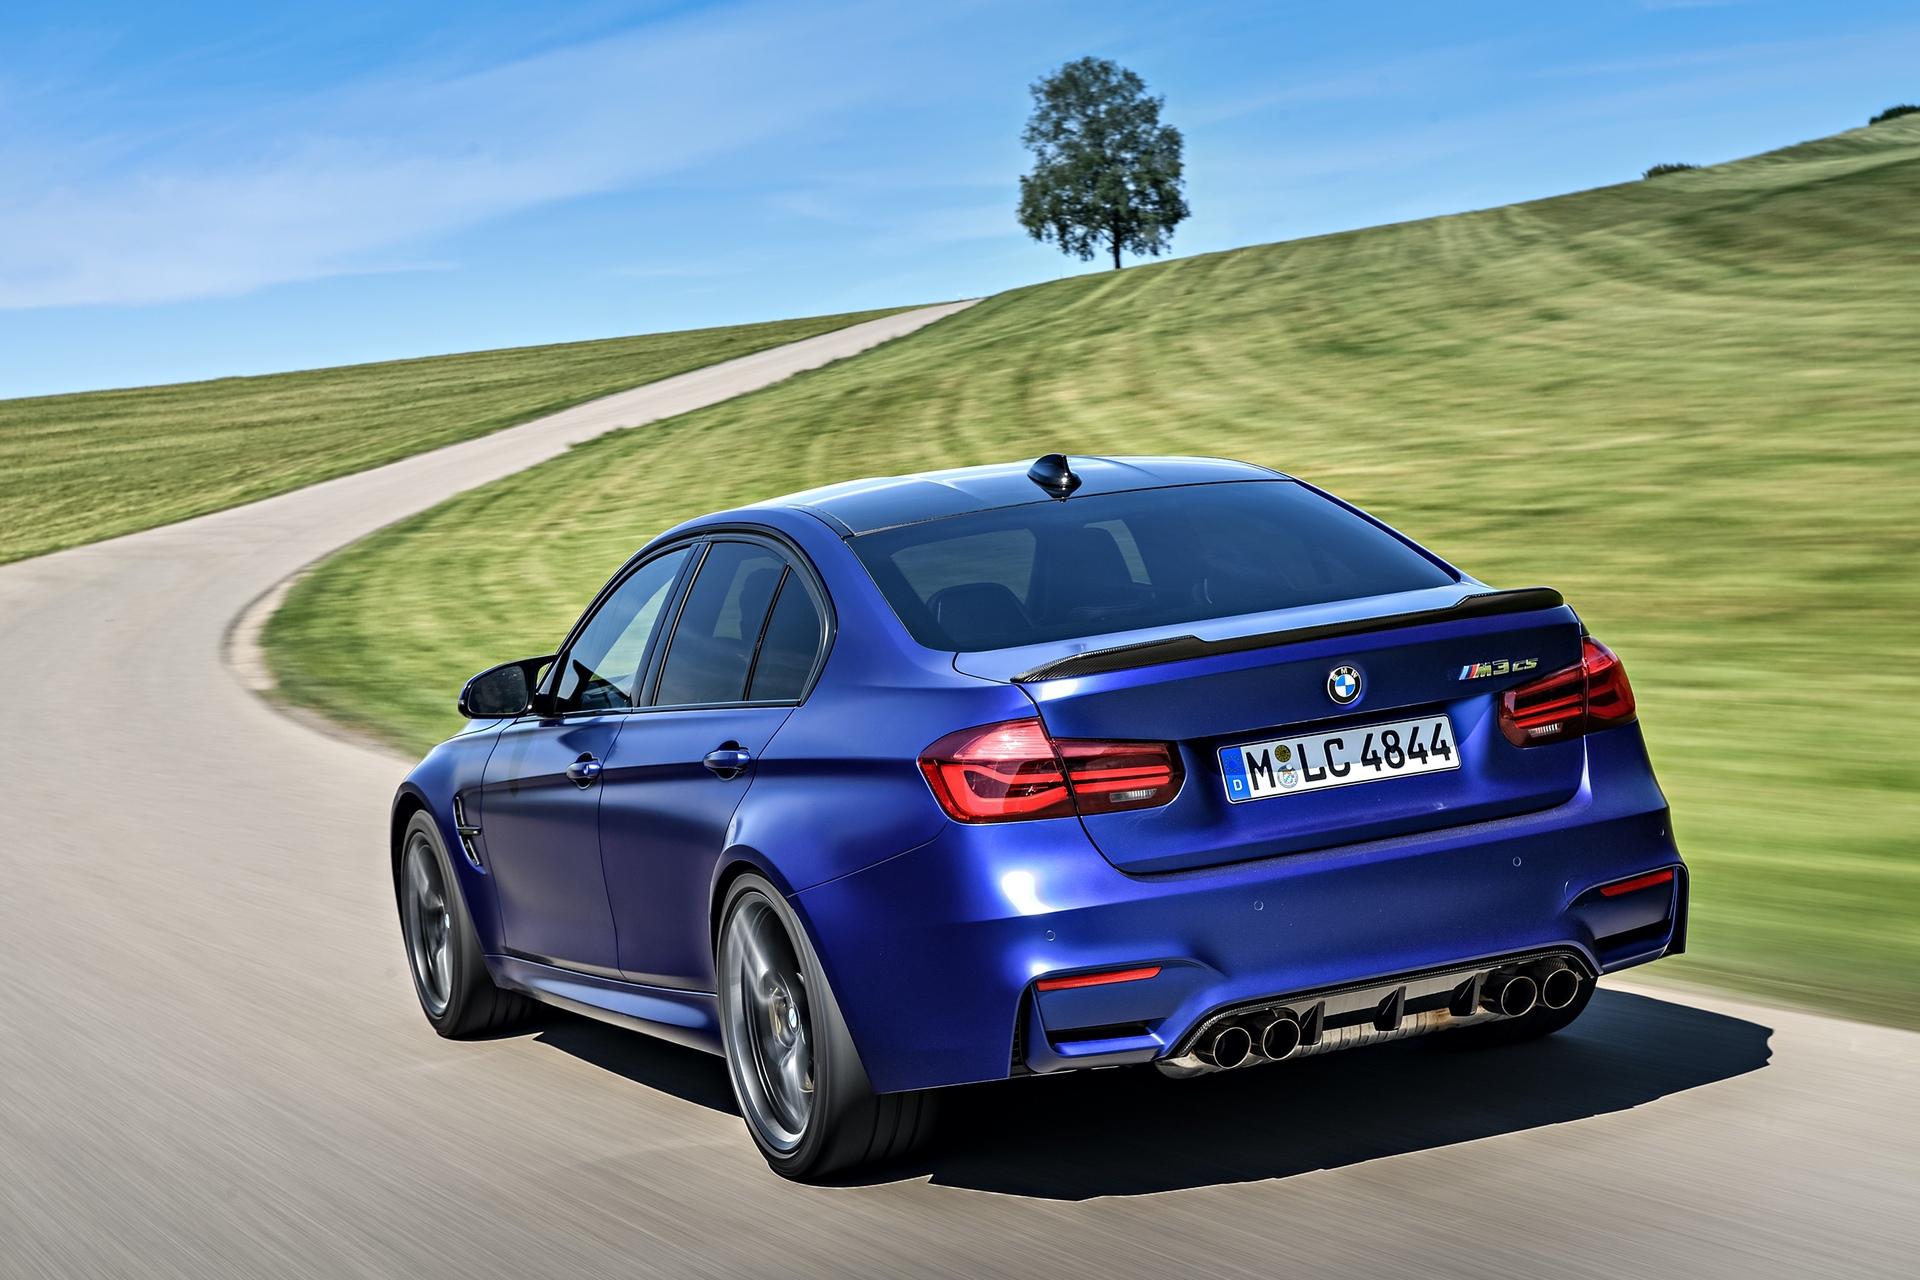 BMW_M3_CS_0020